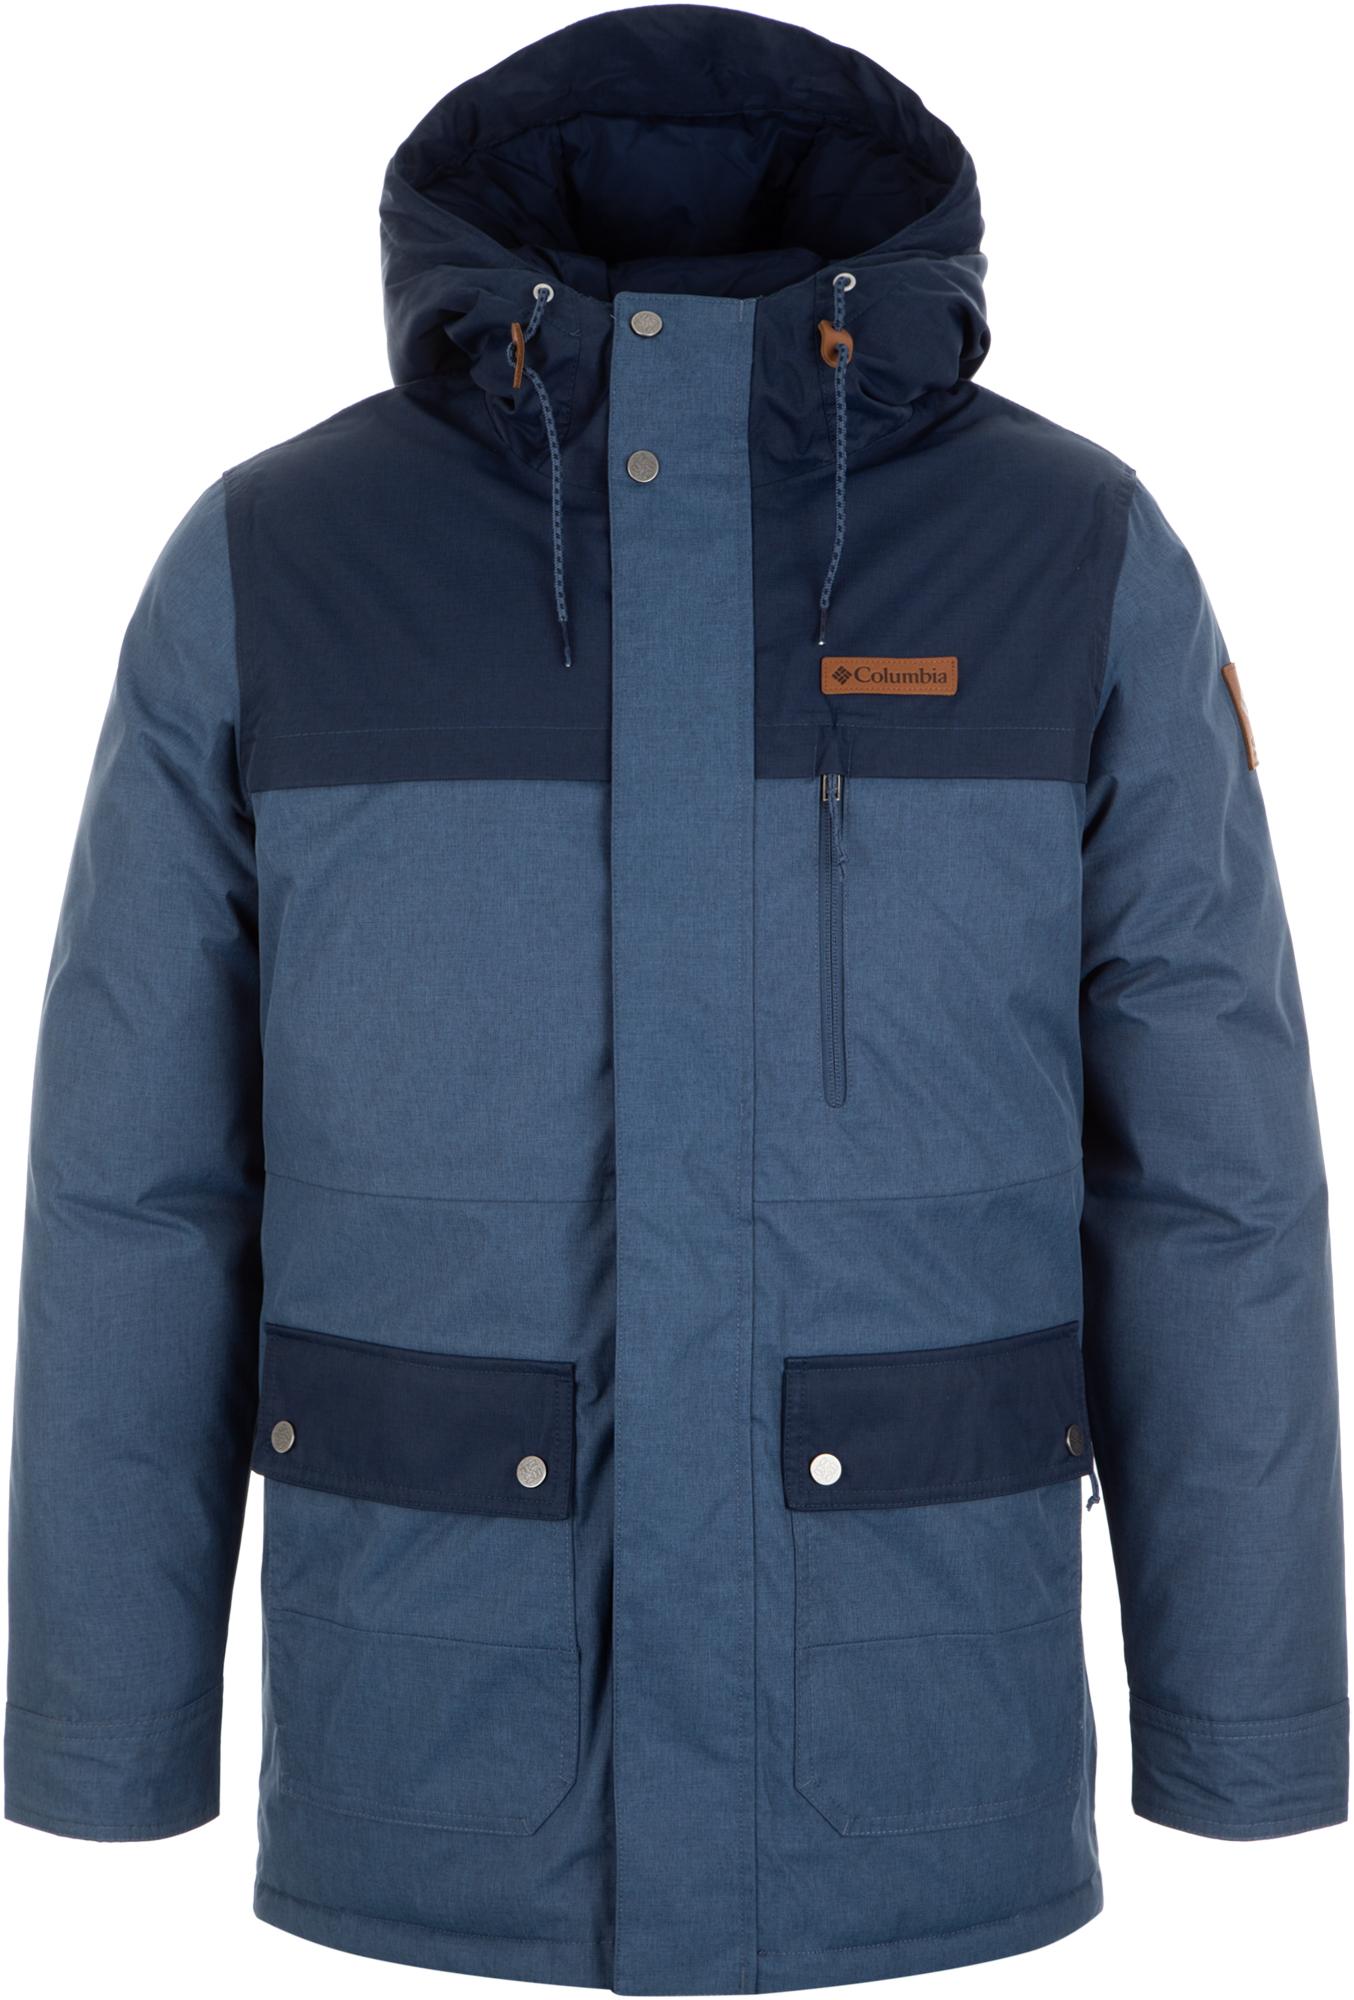 Фото - Columbia Куртка утепленная мужская Columbia Norton Bay, размер 48-50 куртка утепленная columbia columbia co214emgevw0